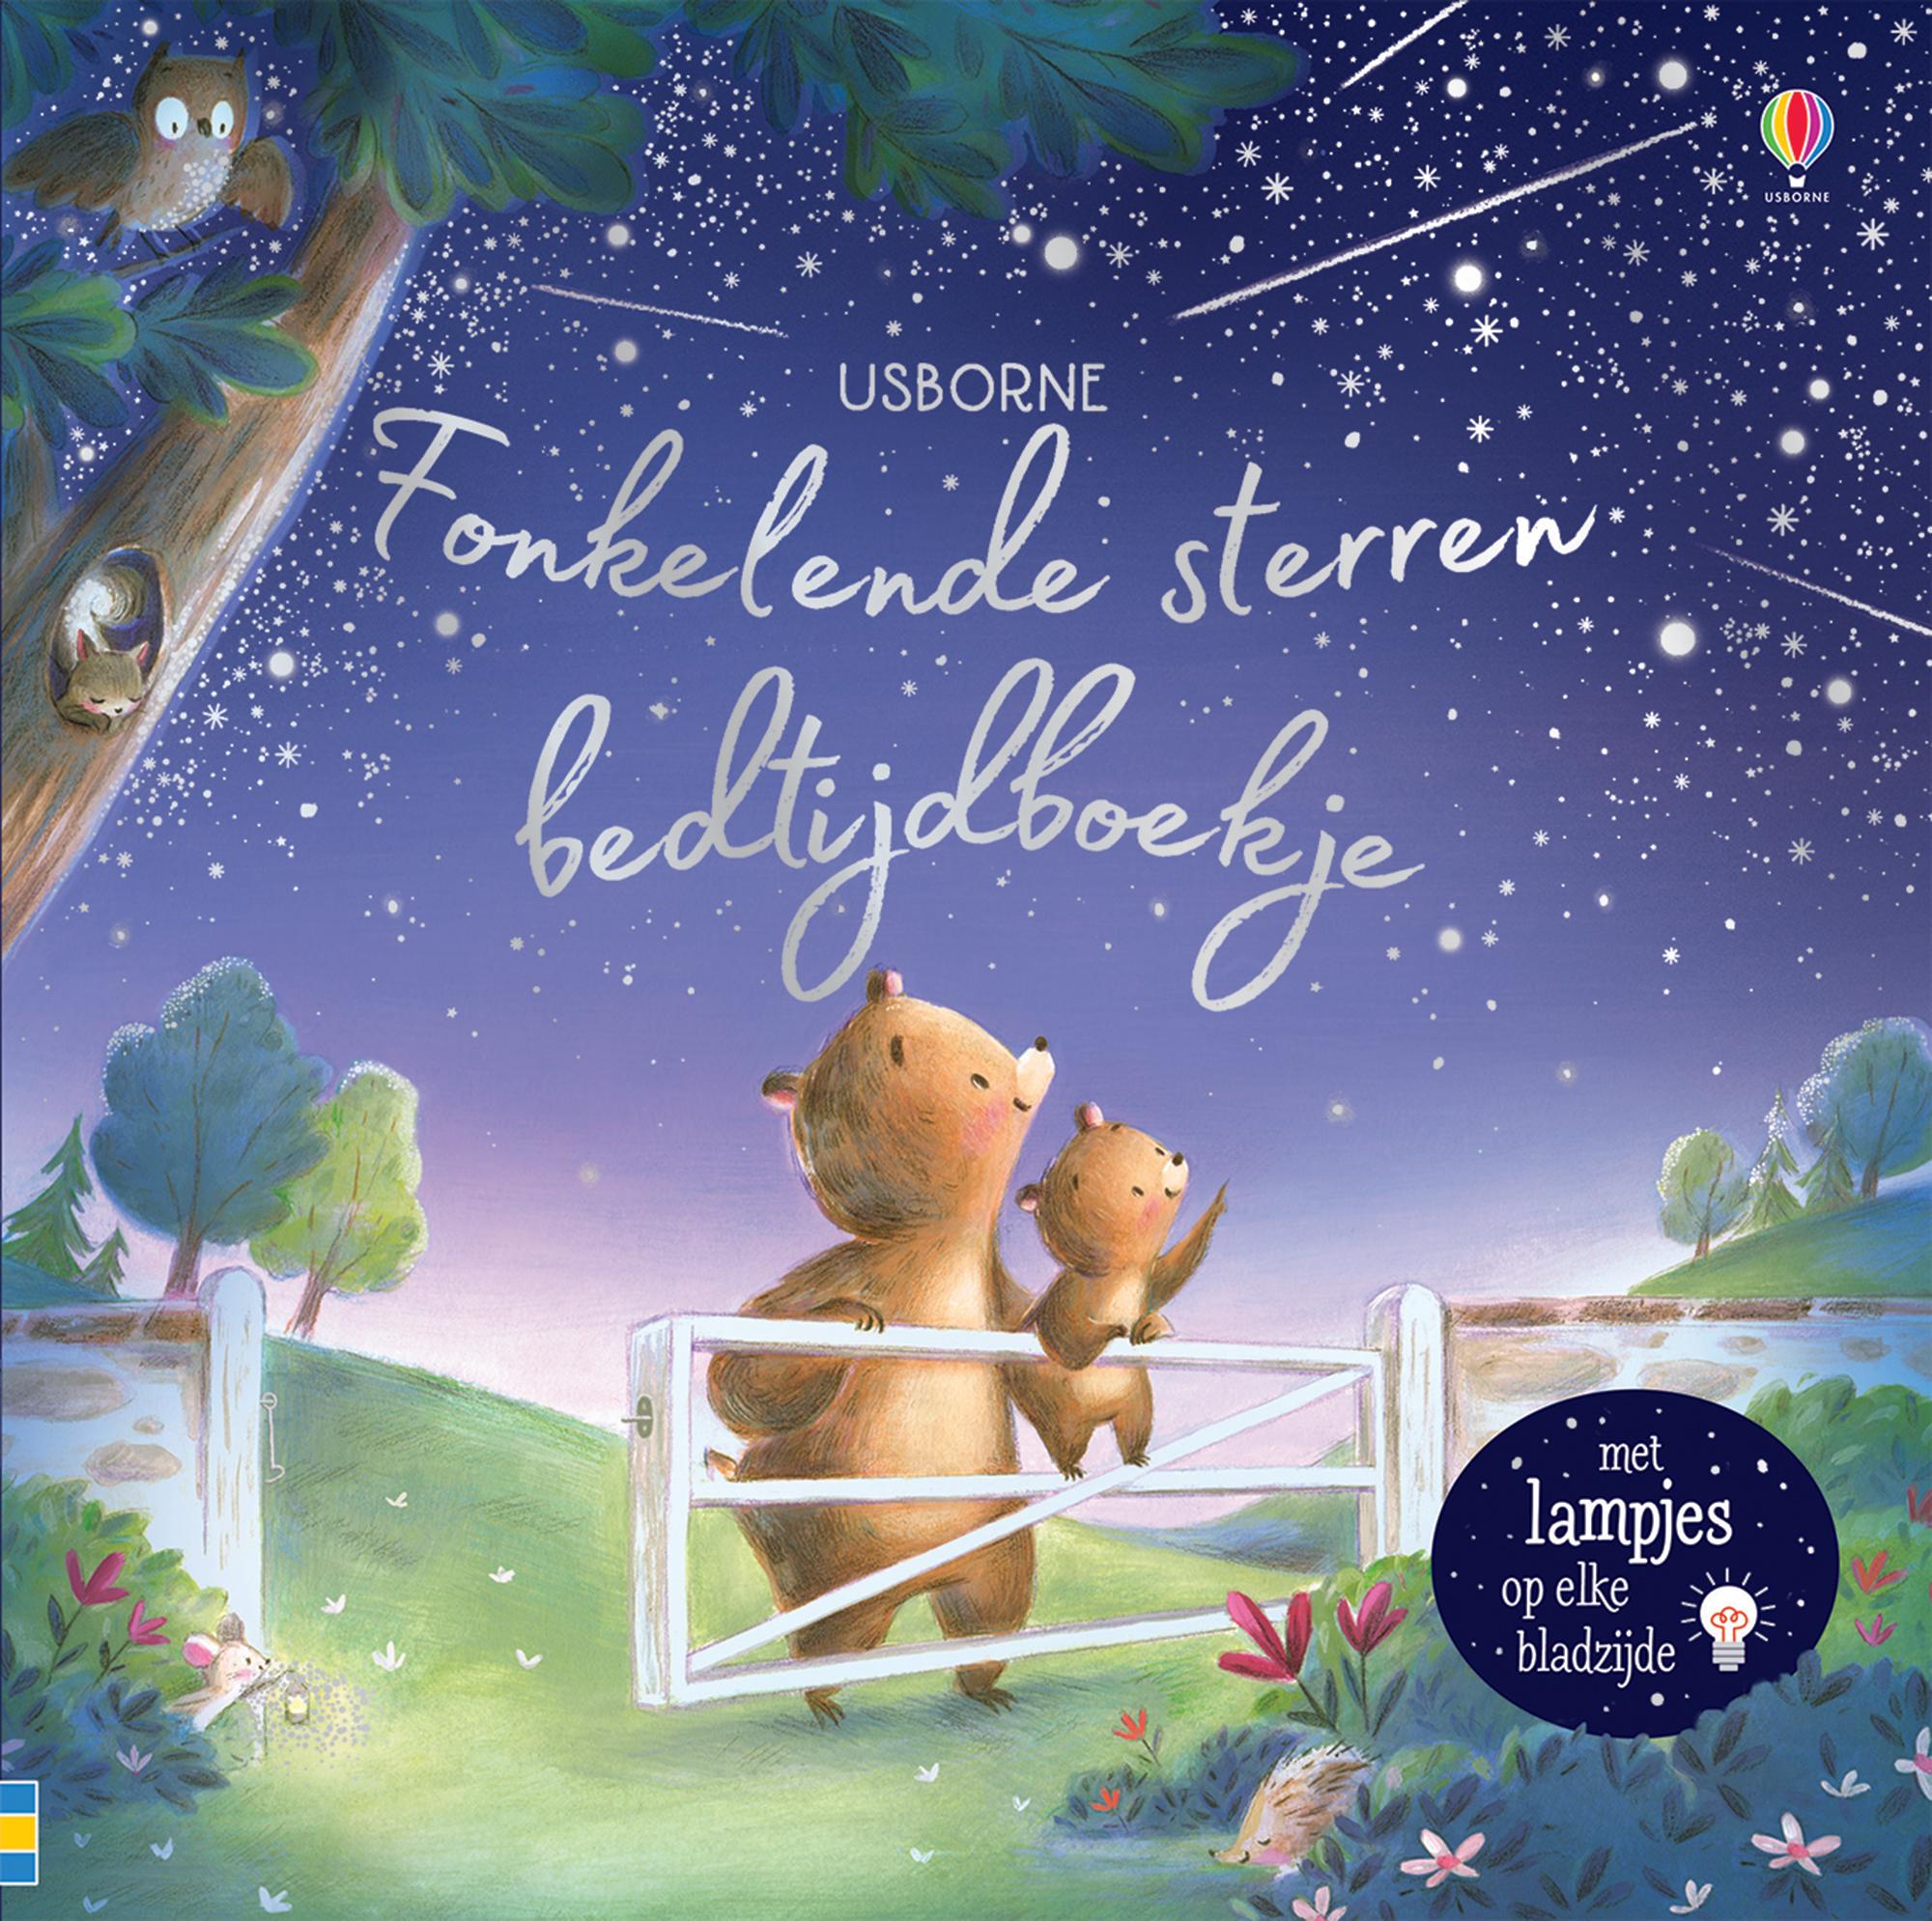 Fonkelende sterren – Bedtijdboekje